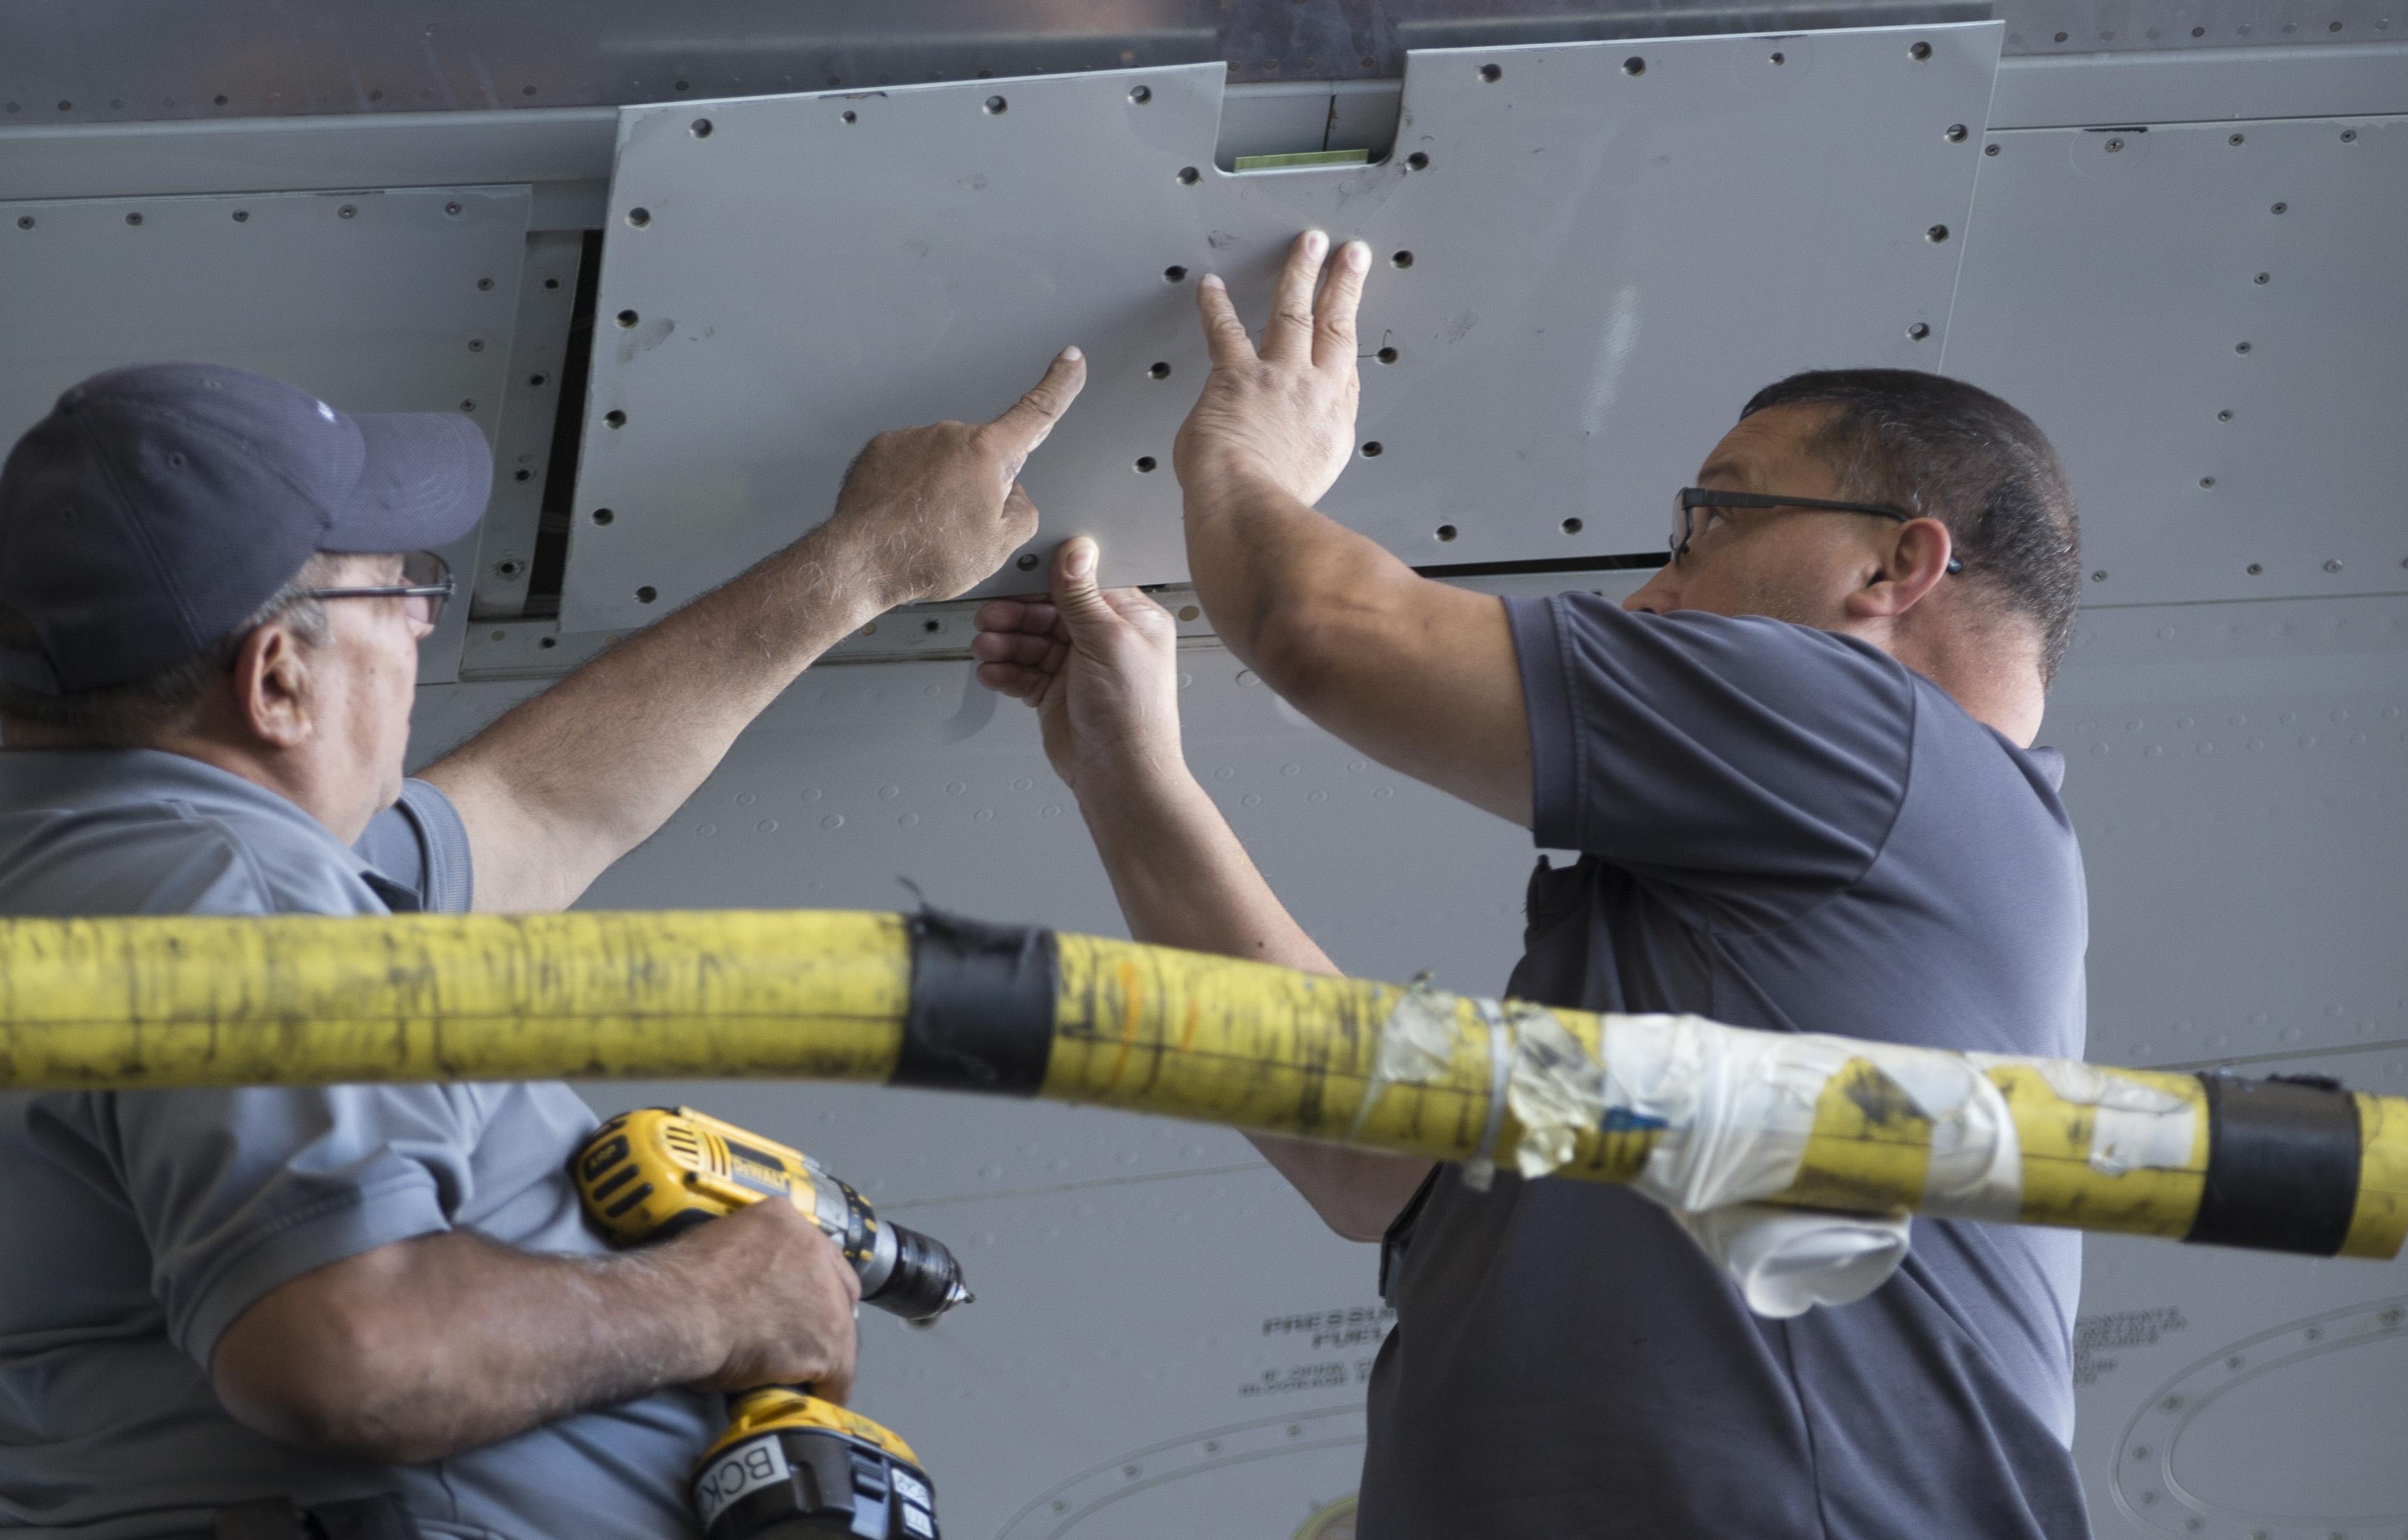 Flymekanikere fra American Airlines arbejder med et af selskabets fly. Personerne på billedet har intet med den igangværende sag at gøre. Pressefoto: American Airlines.